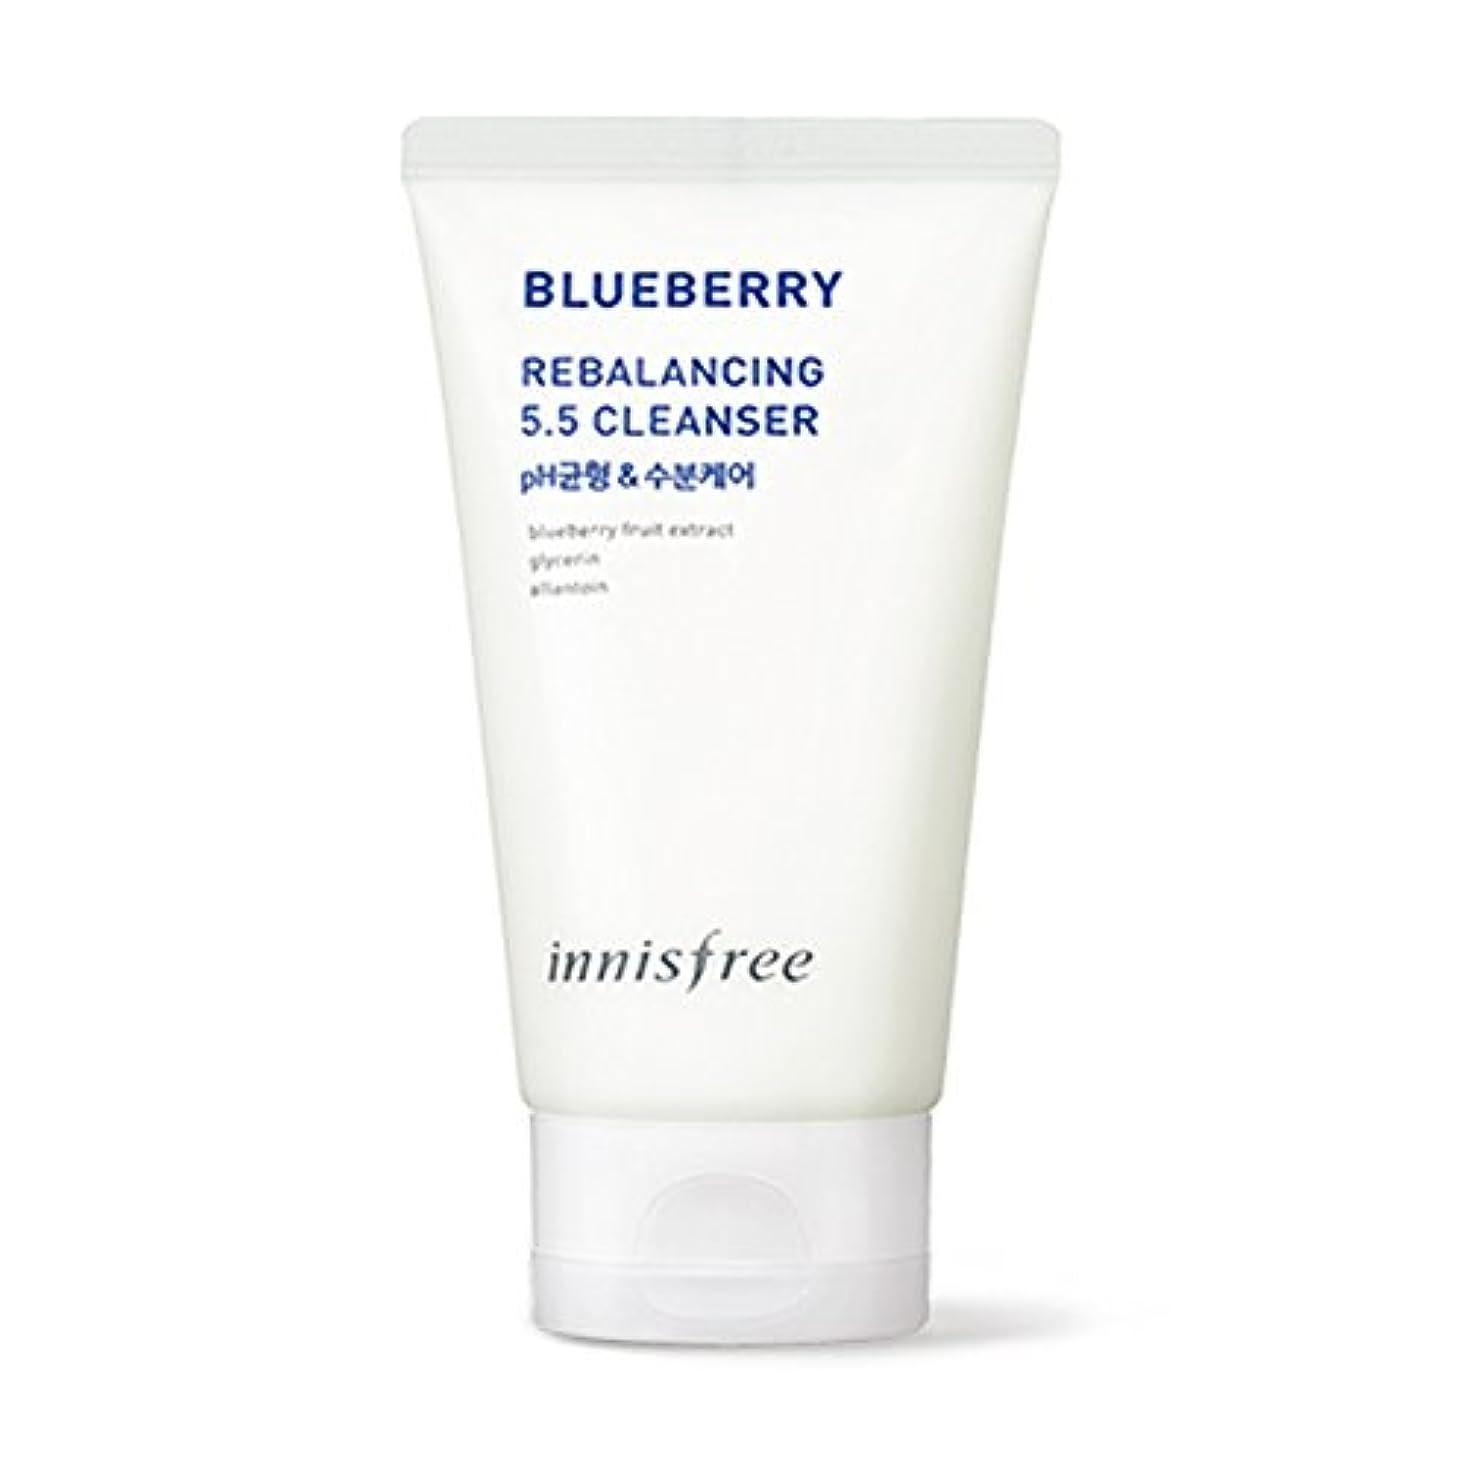 団結する肯定的バックグラウンドイニスフリーブルーベリーリバランシング5.5クレンザー100ml Innisfree Blueberry Rebalancing 5.5 Cleanser 100ml [海外直送品][並行輸入品]